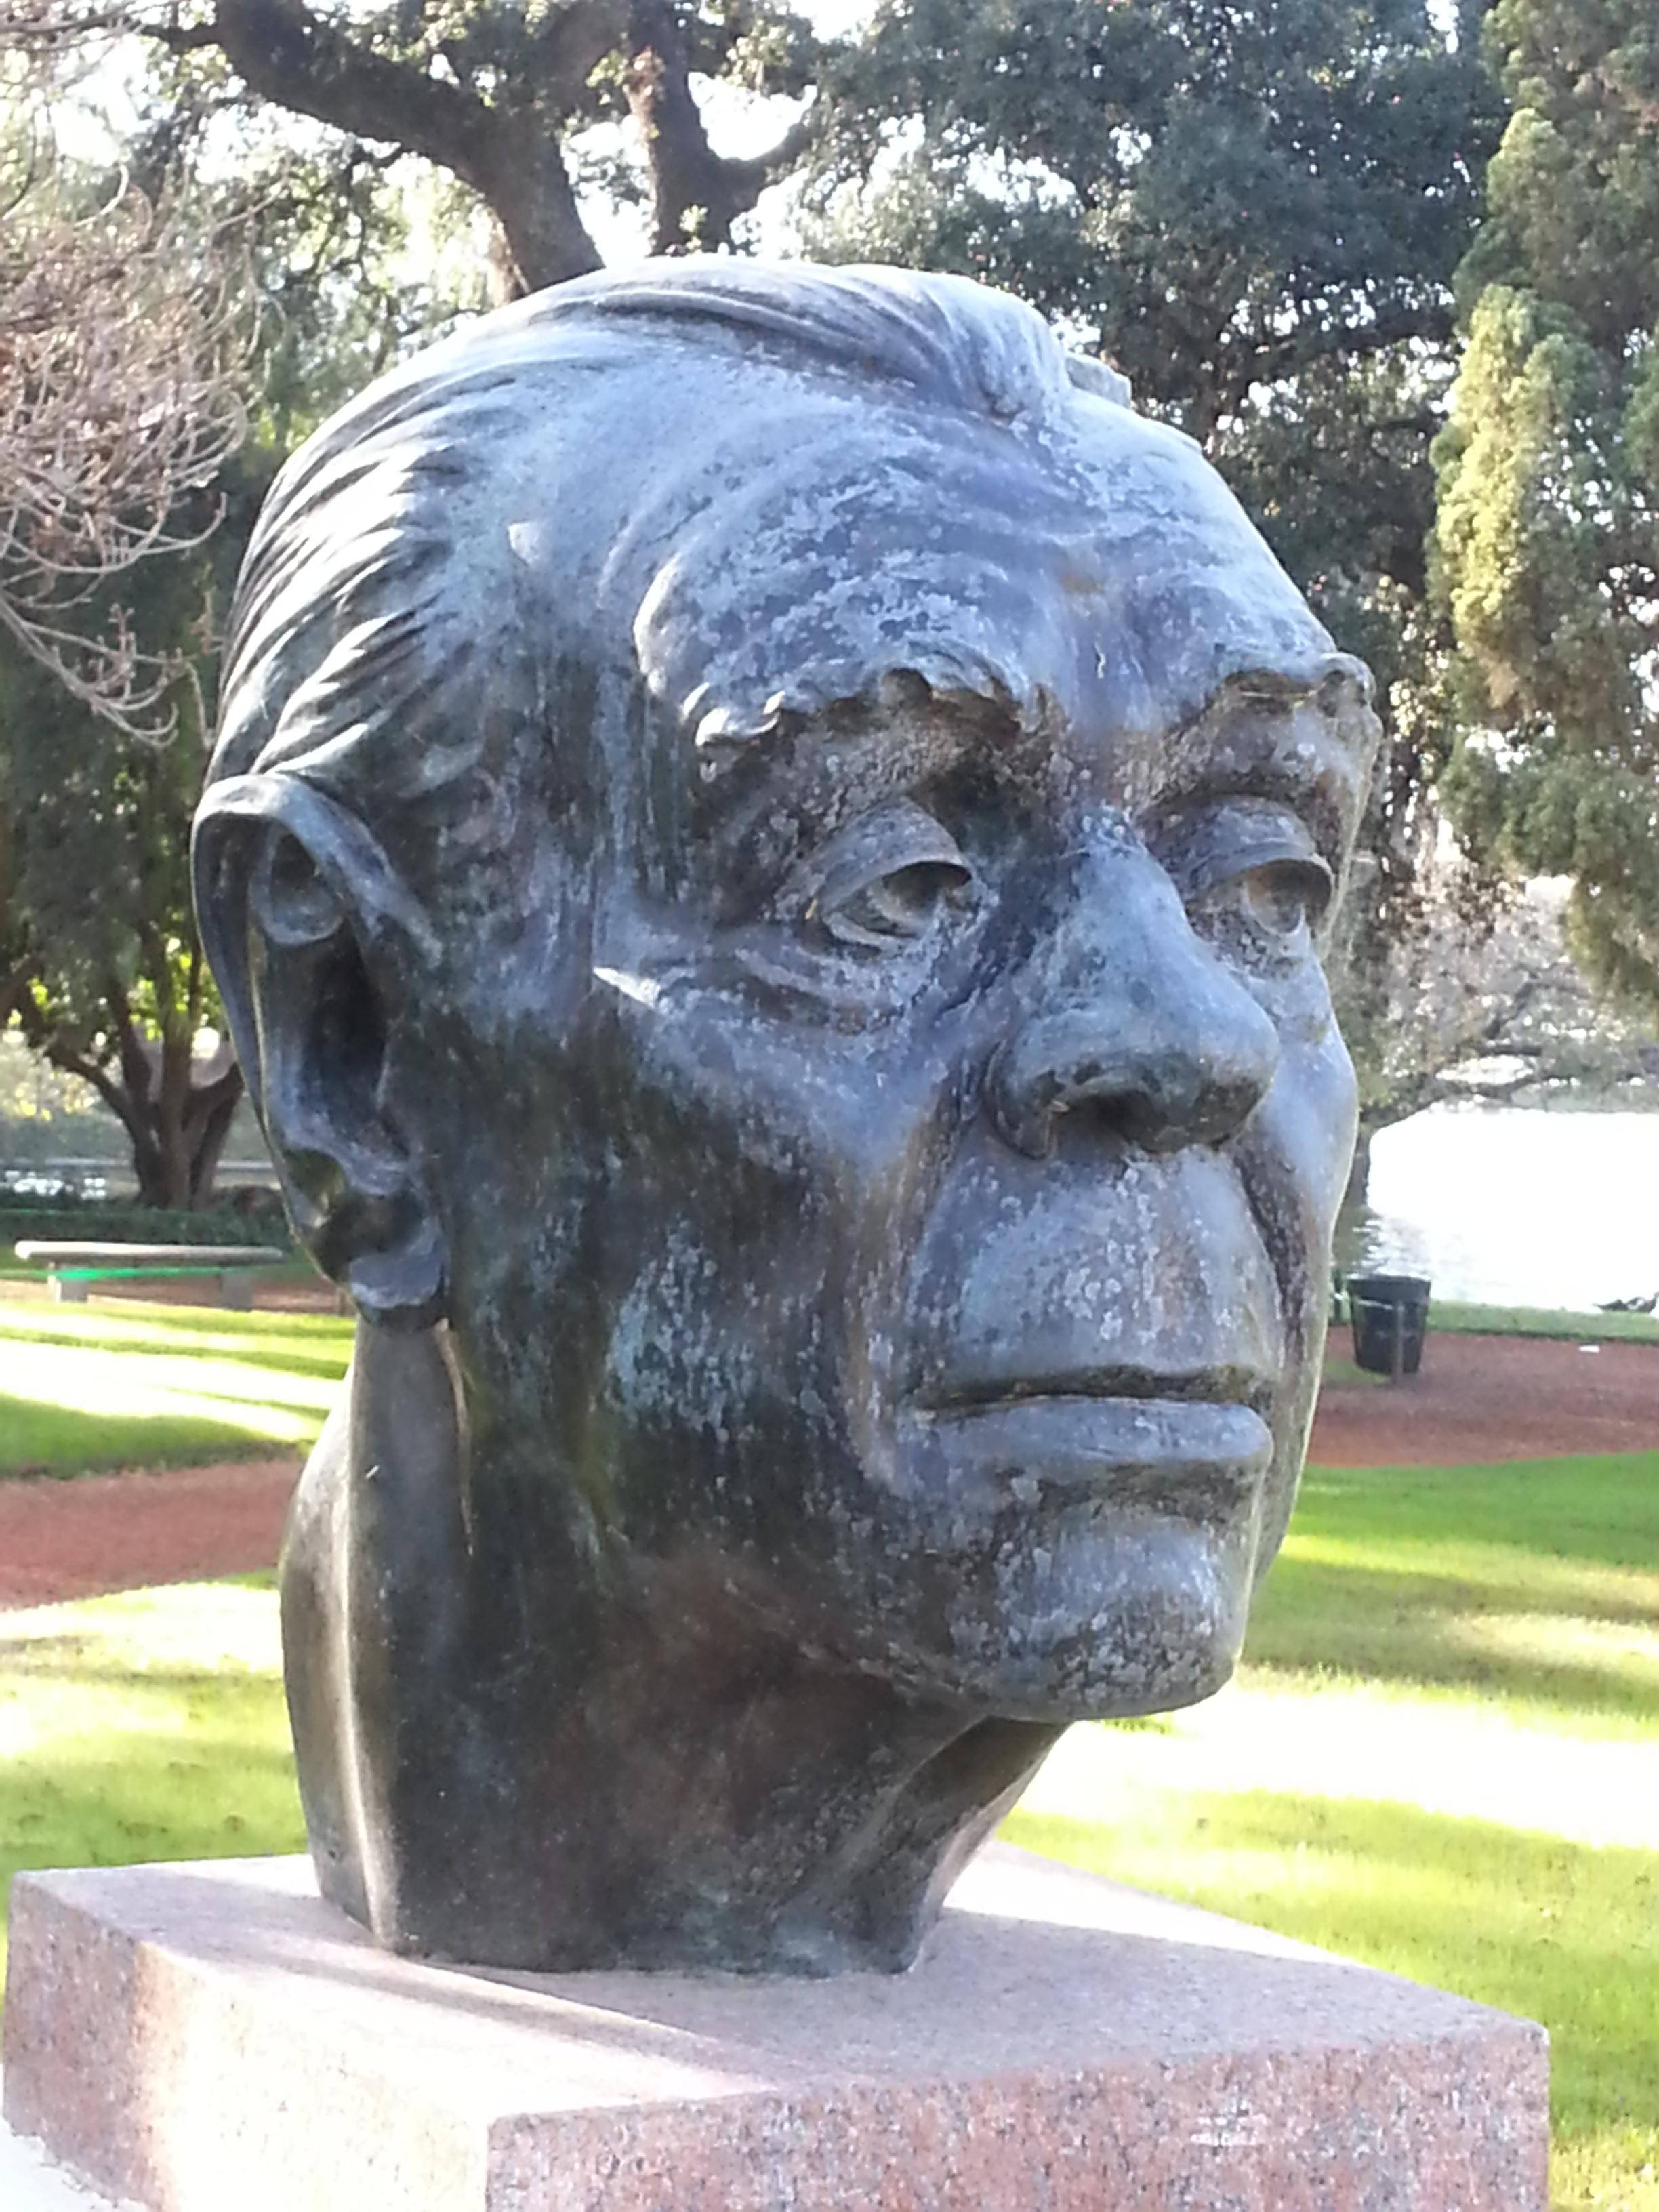 Busto de Jorge Luis Borges en el Paseo de los Poetas, El Rosedal, Buenos Aires.